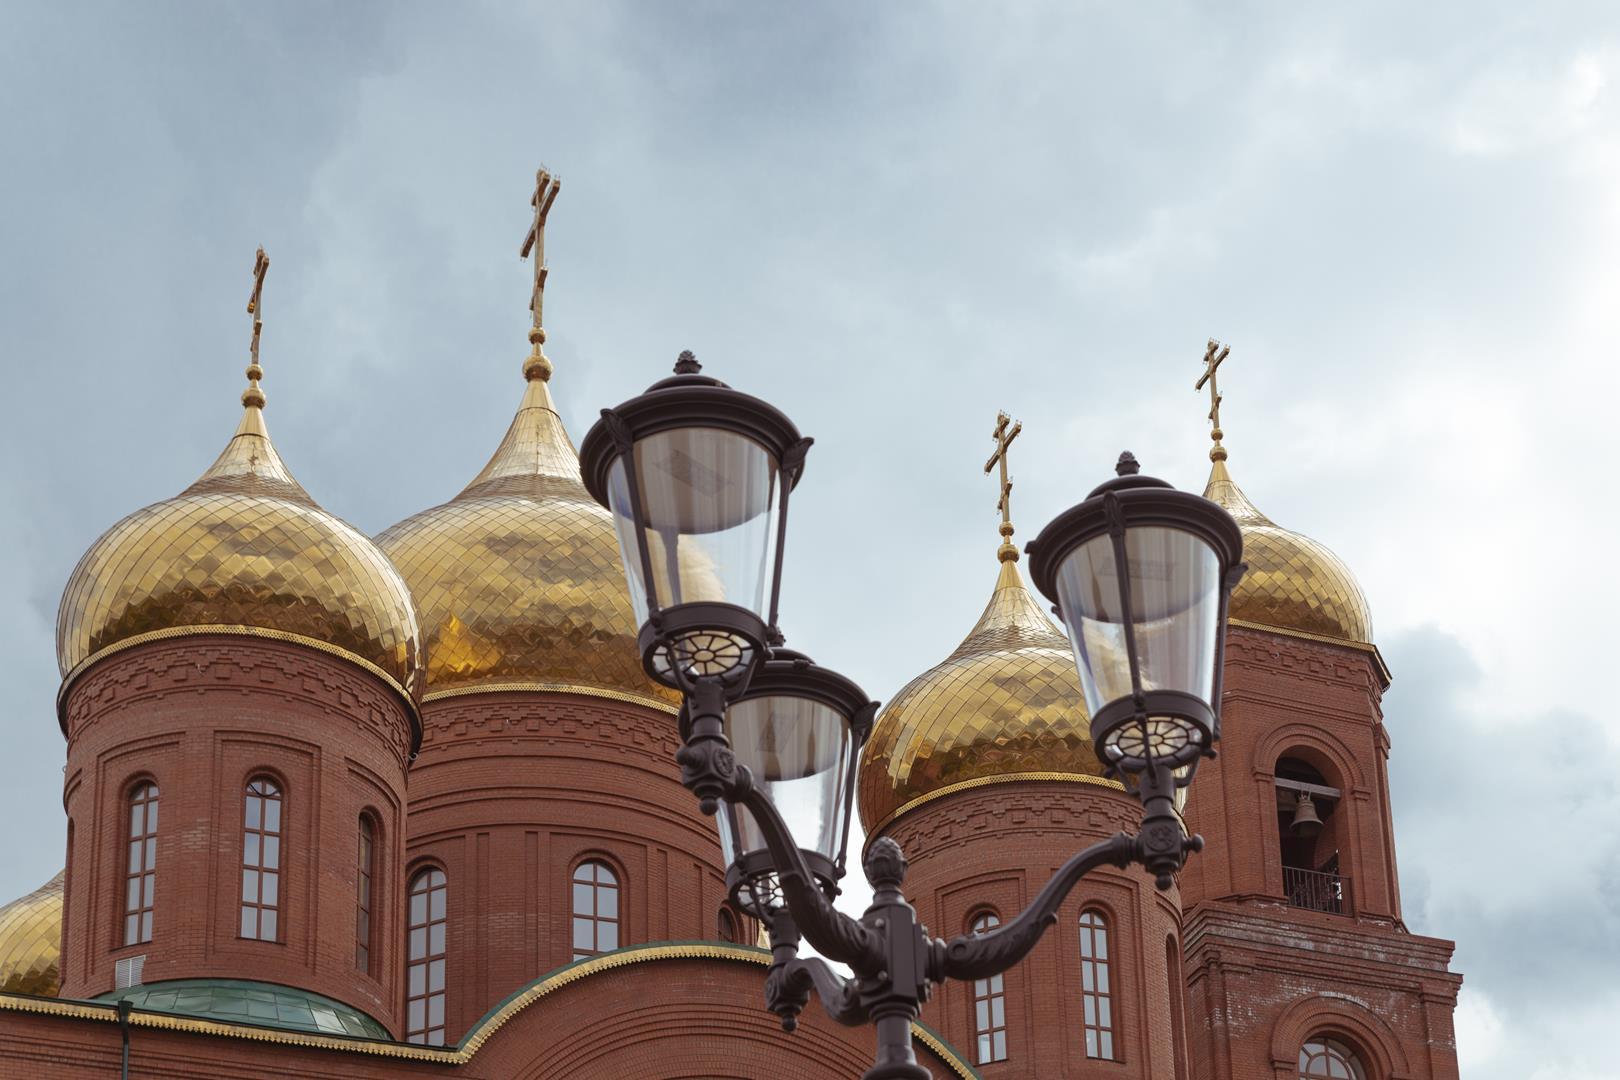 Интересно. Помнит ли кто, какие «пейзажи» открывались здесь совсем недавно жителям и гостям Клинцов?